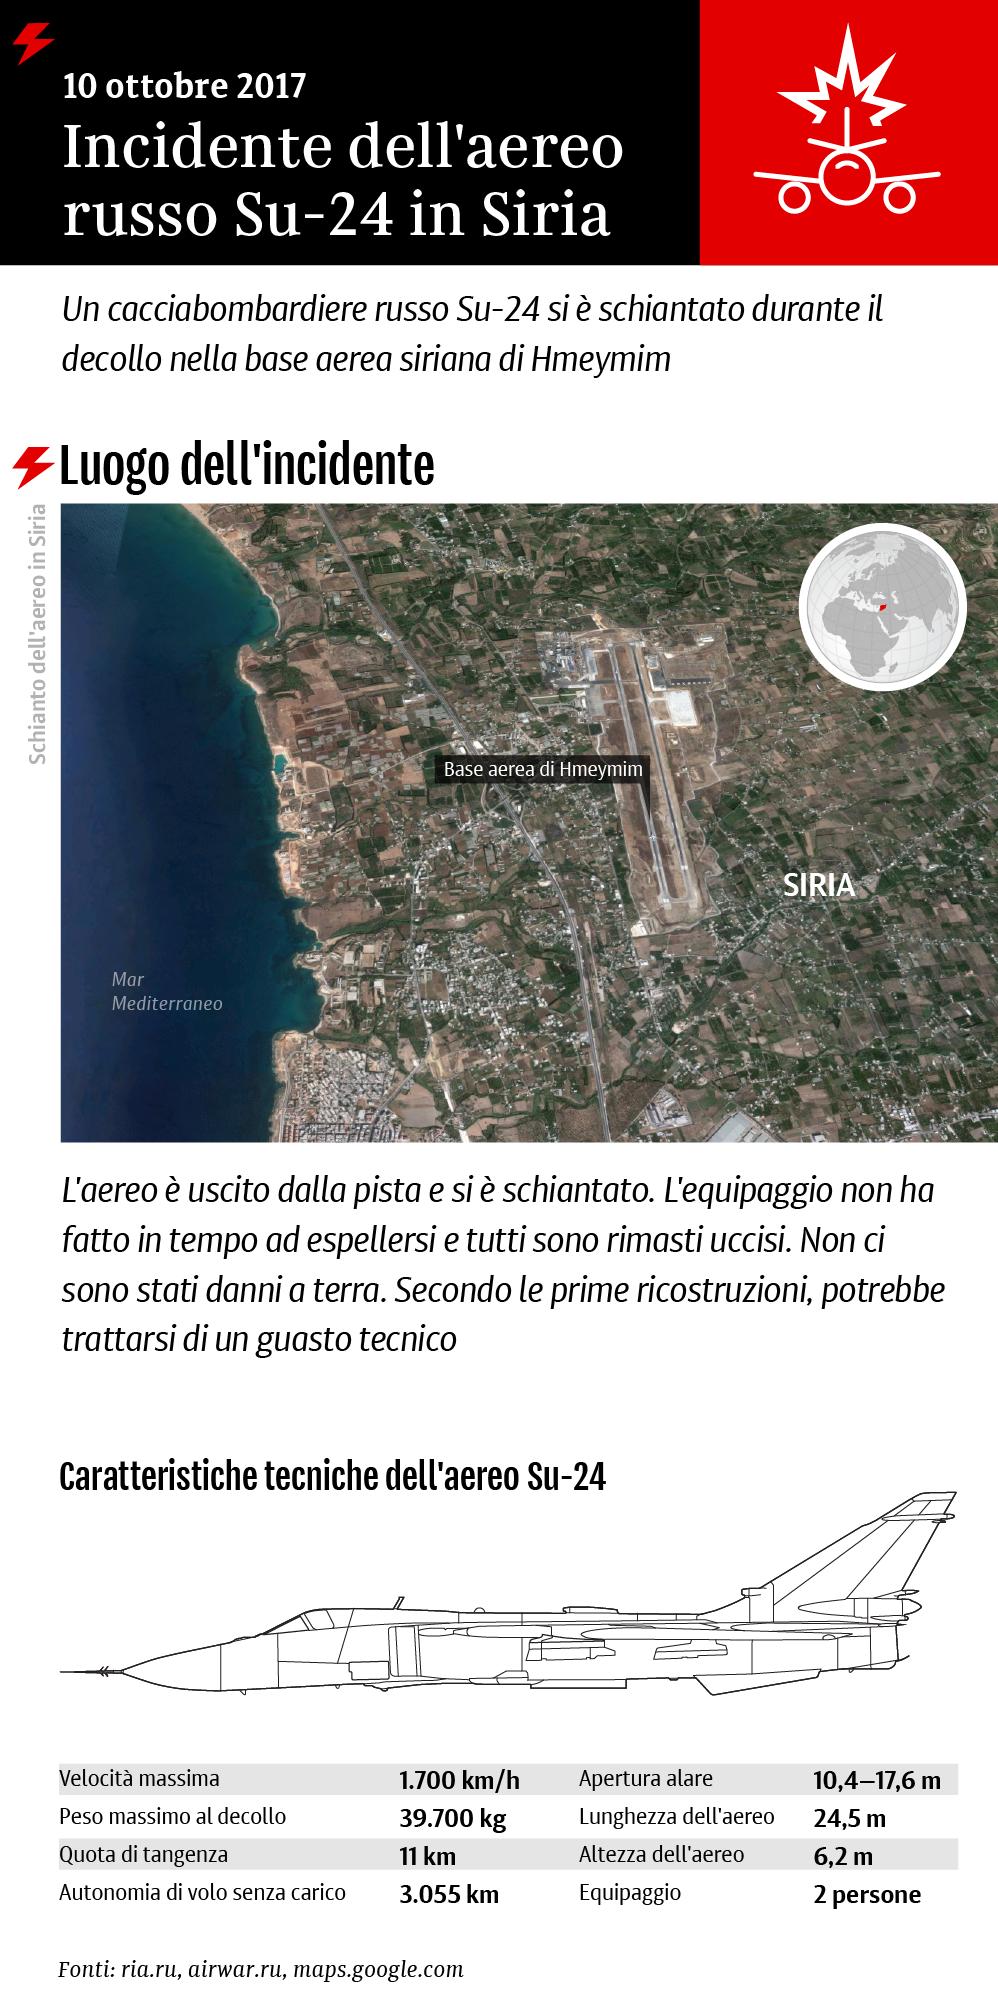 Incidente dell'aereo russo Su-24 in Siria - Sputnik Italia